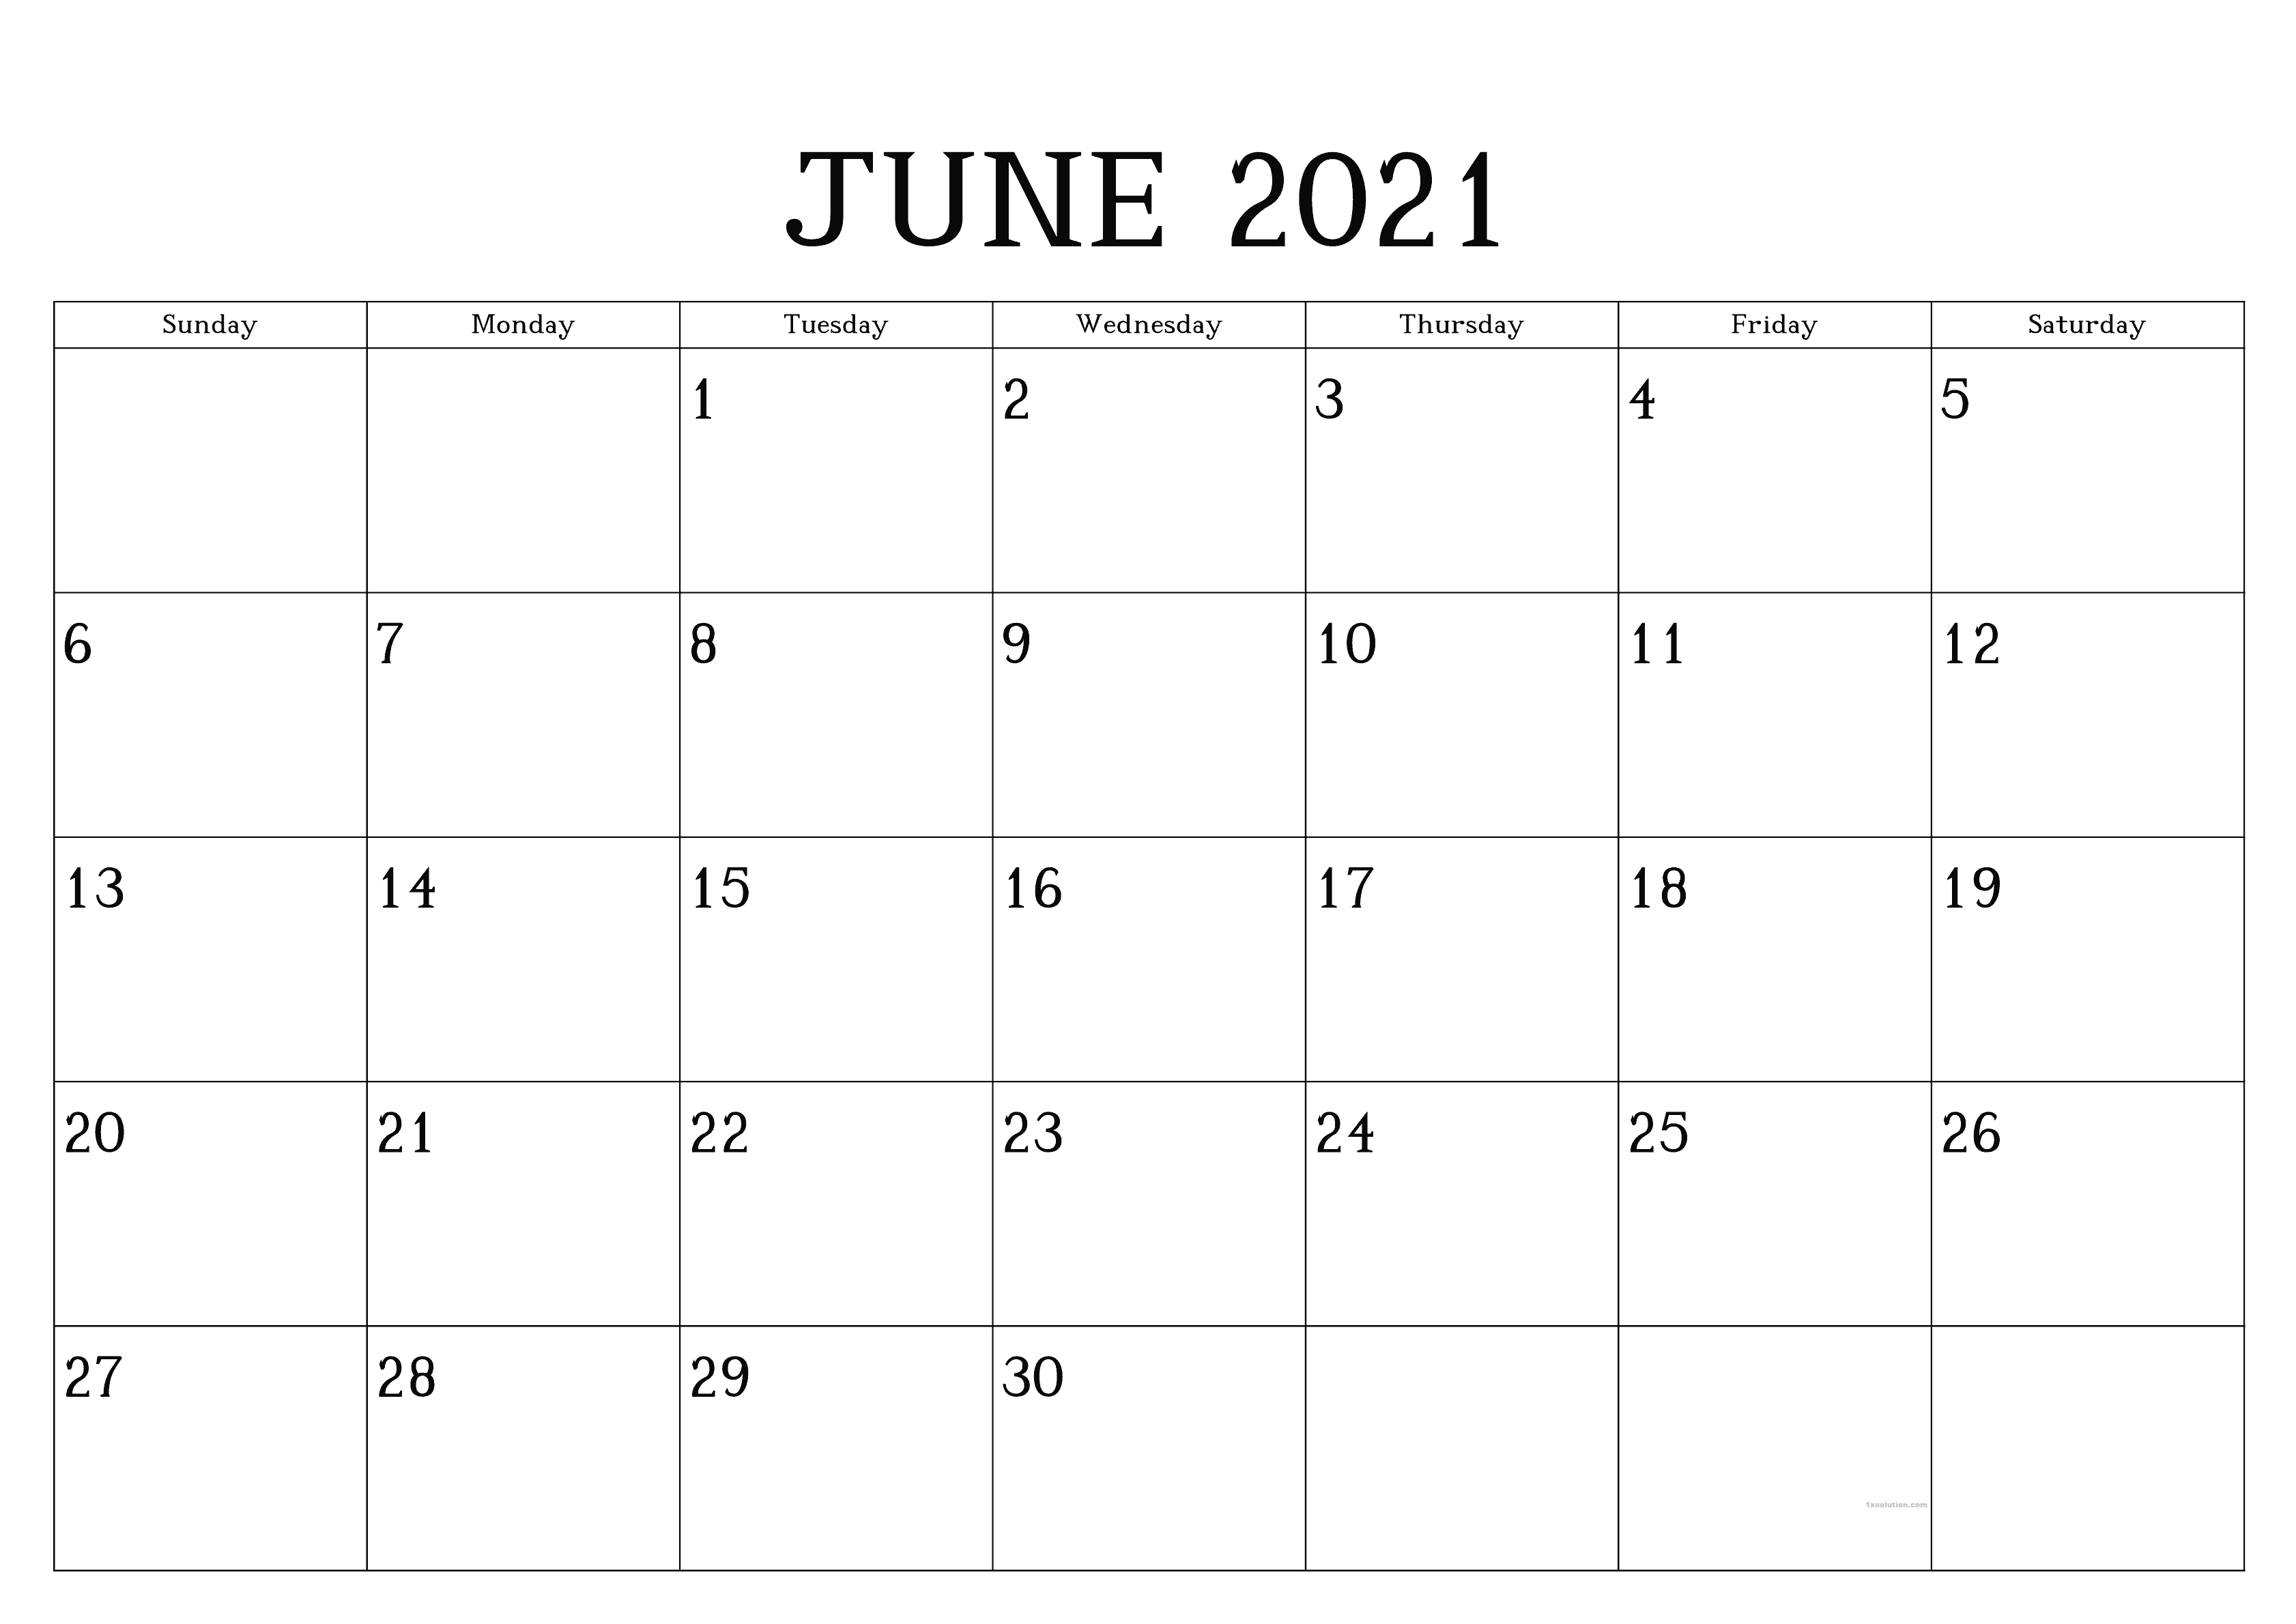 June 2021 Calendar Printable